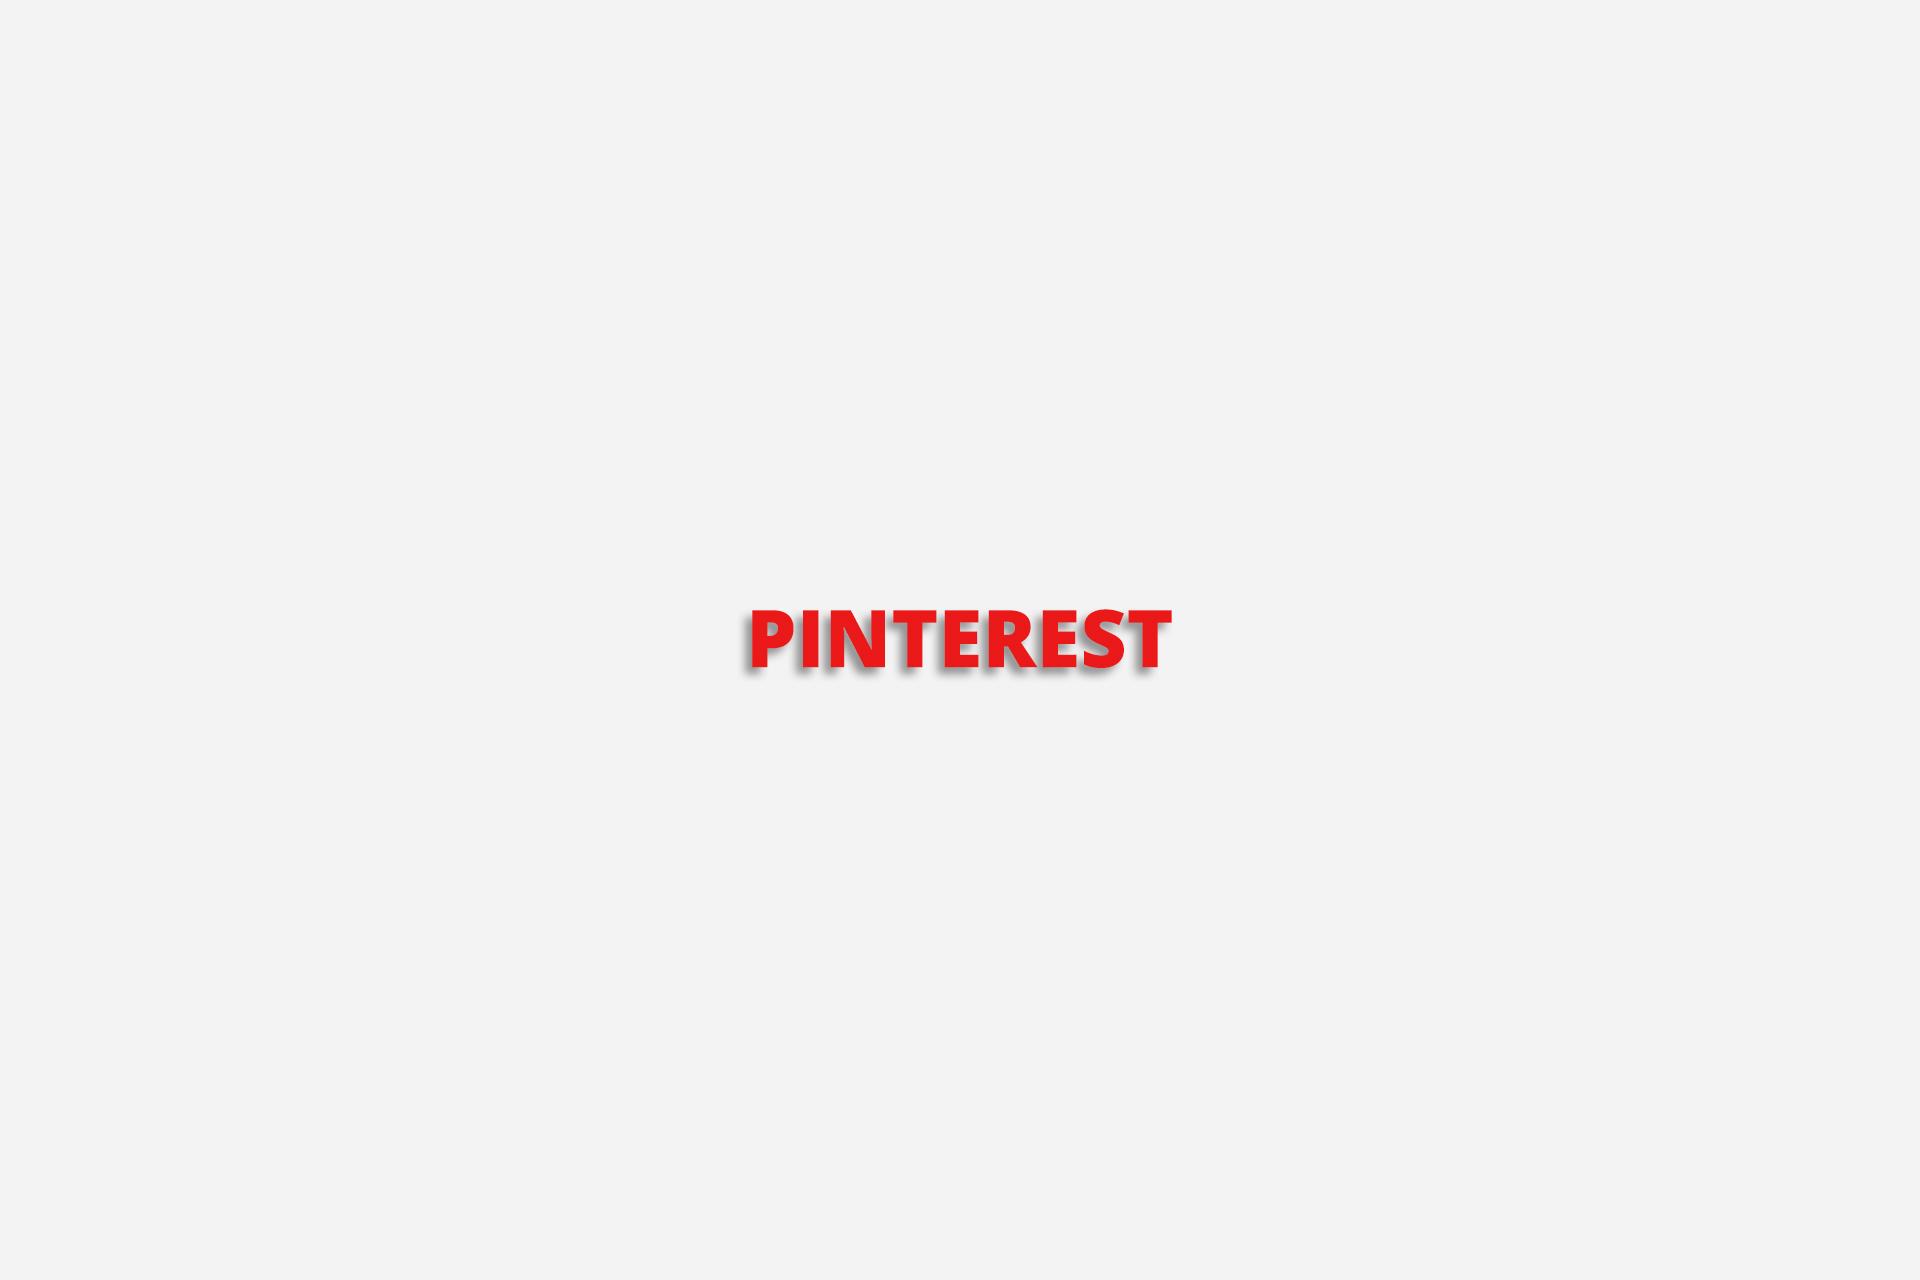 ایده کسب درآمد دلاری با چاپ بنابر تقاضا, SPINTEREST